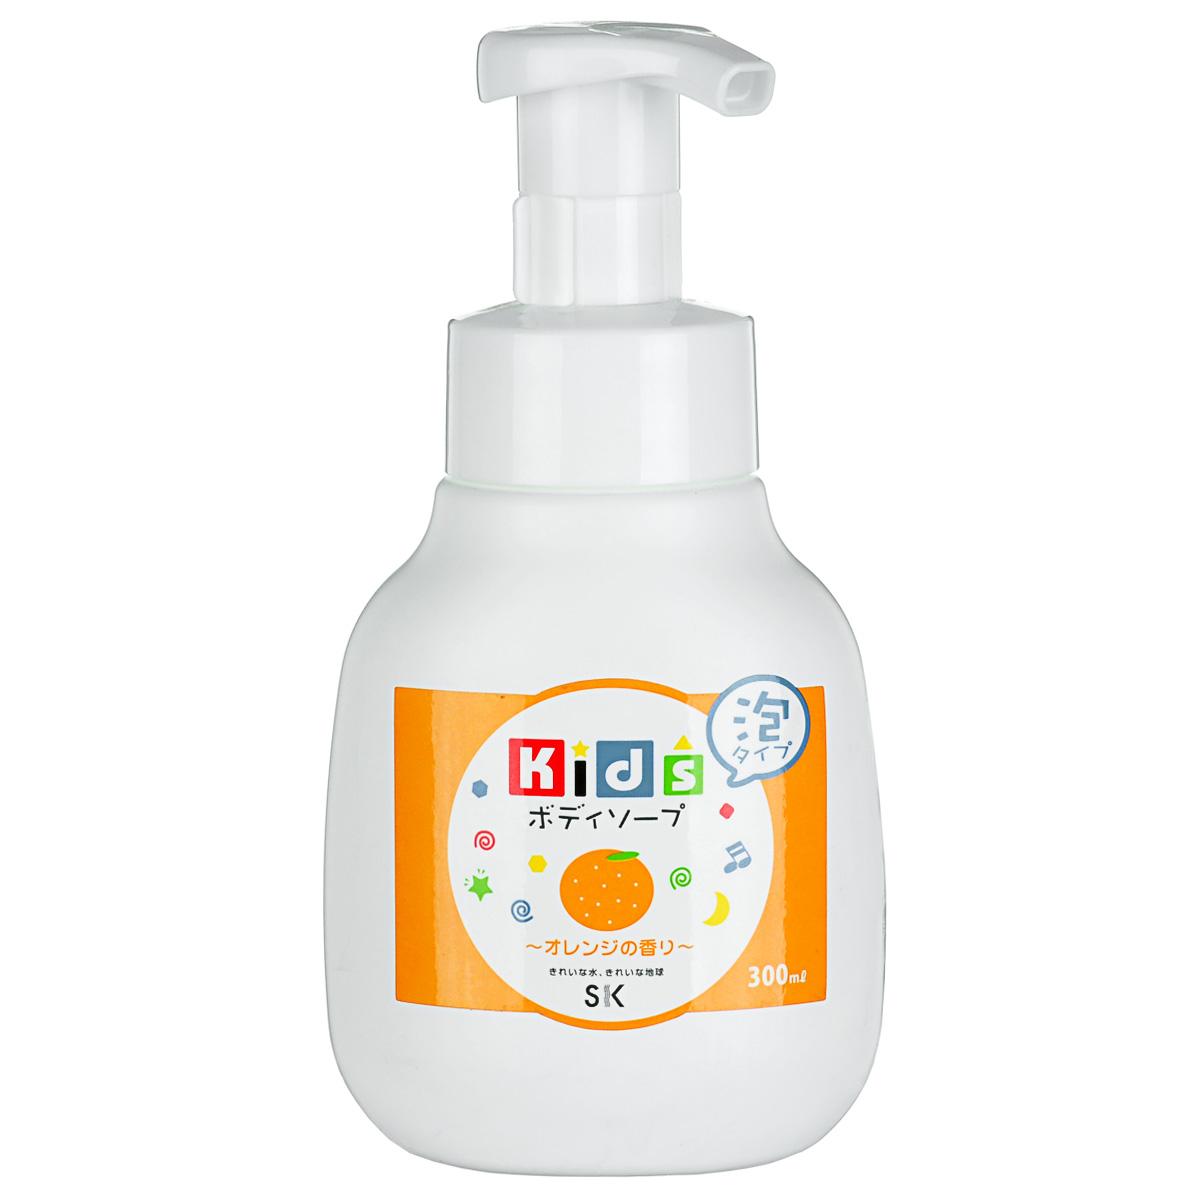 SK Kids Детское пенное мыло для тела с ароматом апельсина, 300 мл1342106Воздушное детское пенное мыло порадует вашего малыша сочным ароматом апельсина и мыльными пузырьками! Очистит детскую кожу и обеспечит полноценный уход за ней, абсолютно безопасно. Экстракт апельсиновой цедры, в составе пенки, смягчит и окажет тонизирующее действие на нежную кожу. Не содержит ПАВ, искусственных красителей, ароматизаторов, антиоксидантов, поэтому мыло необходимо хранить в местах, защищенных от прямых солнечных лучей, высокой температуры и влажности. Проверено дерматологами.